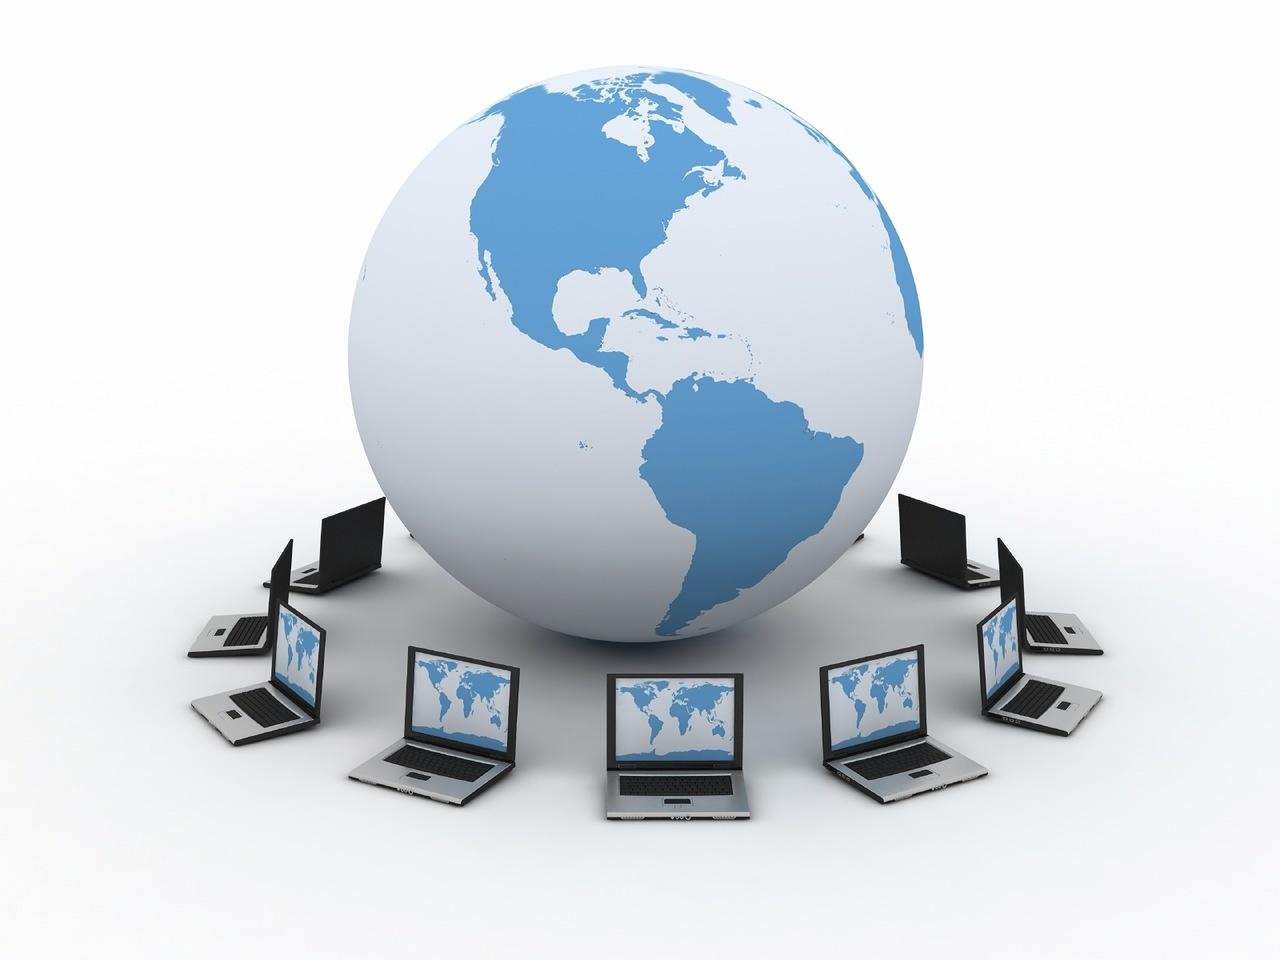 Модель Земли и ноутбуки